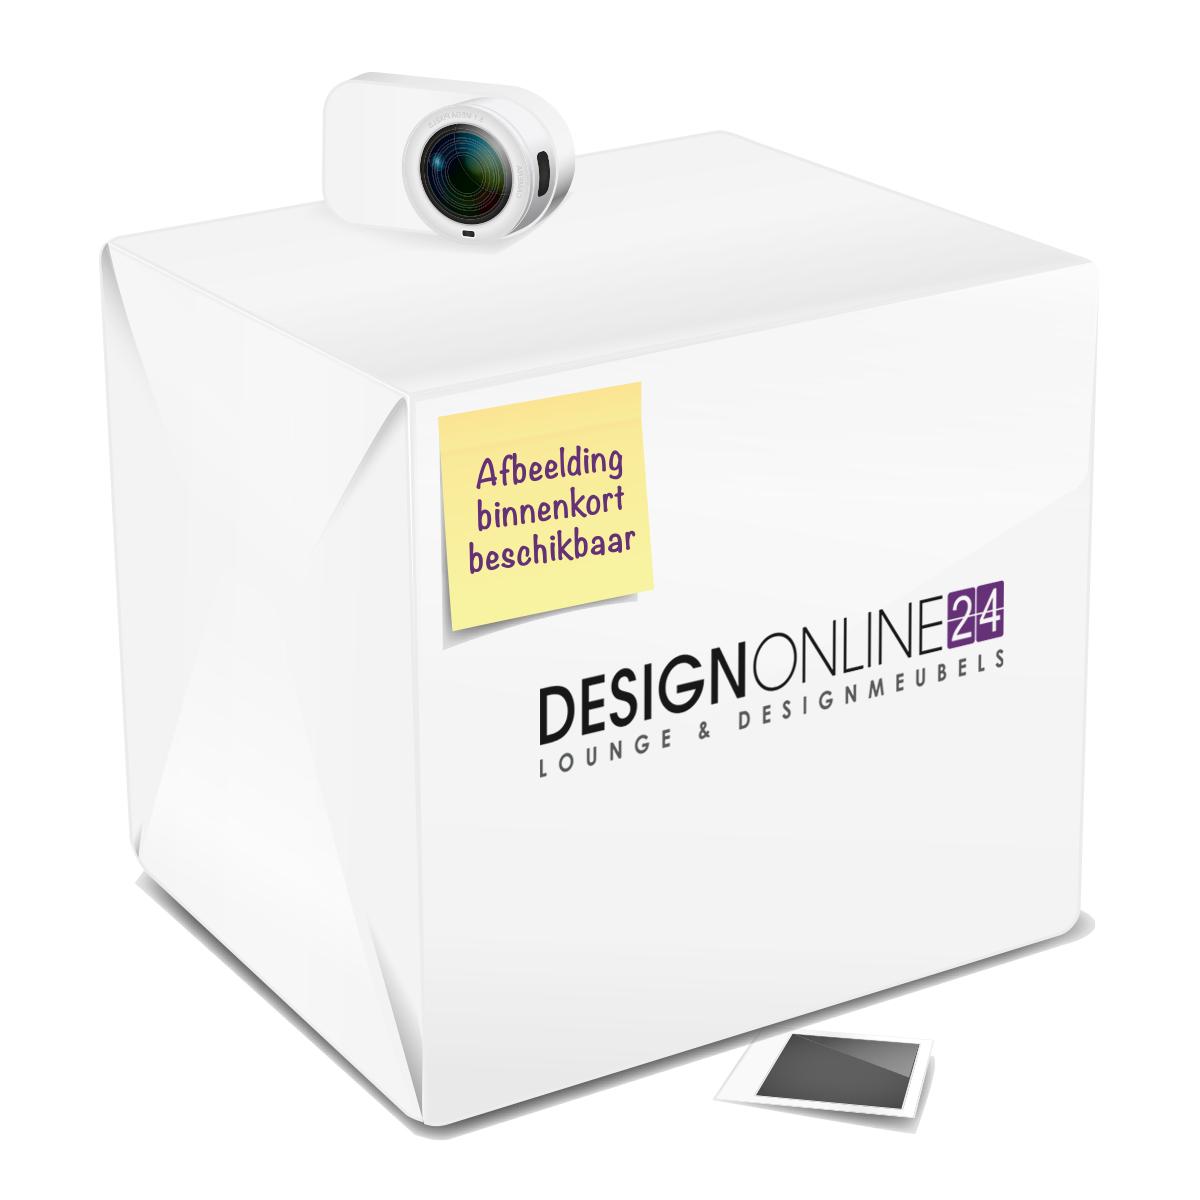 24Designs Set (2) Draaibare Stoelen Nova - Kunstleer - Zwart - Chromen Voet